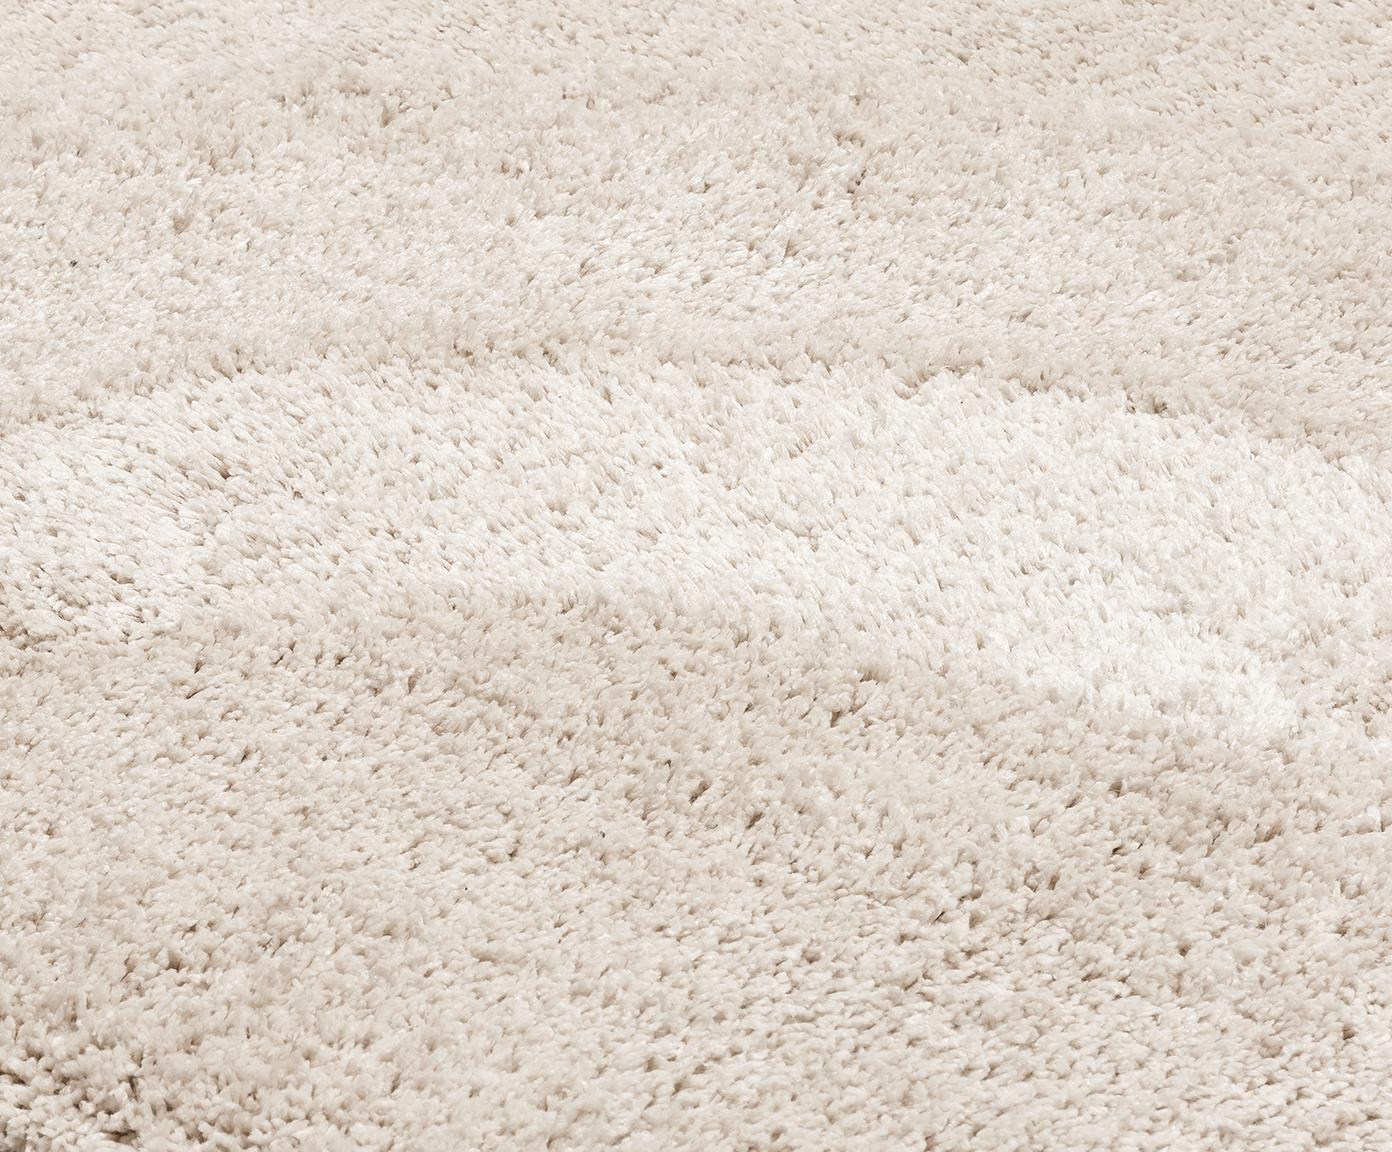 Flauschiger Hochflor-Teppich Naima, handgetuftet, Flor: 100% Polyester., Beige, Schwarz, B 300 x L 400 cm (Grösse XL)